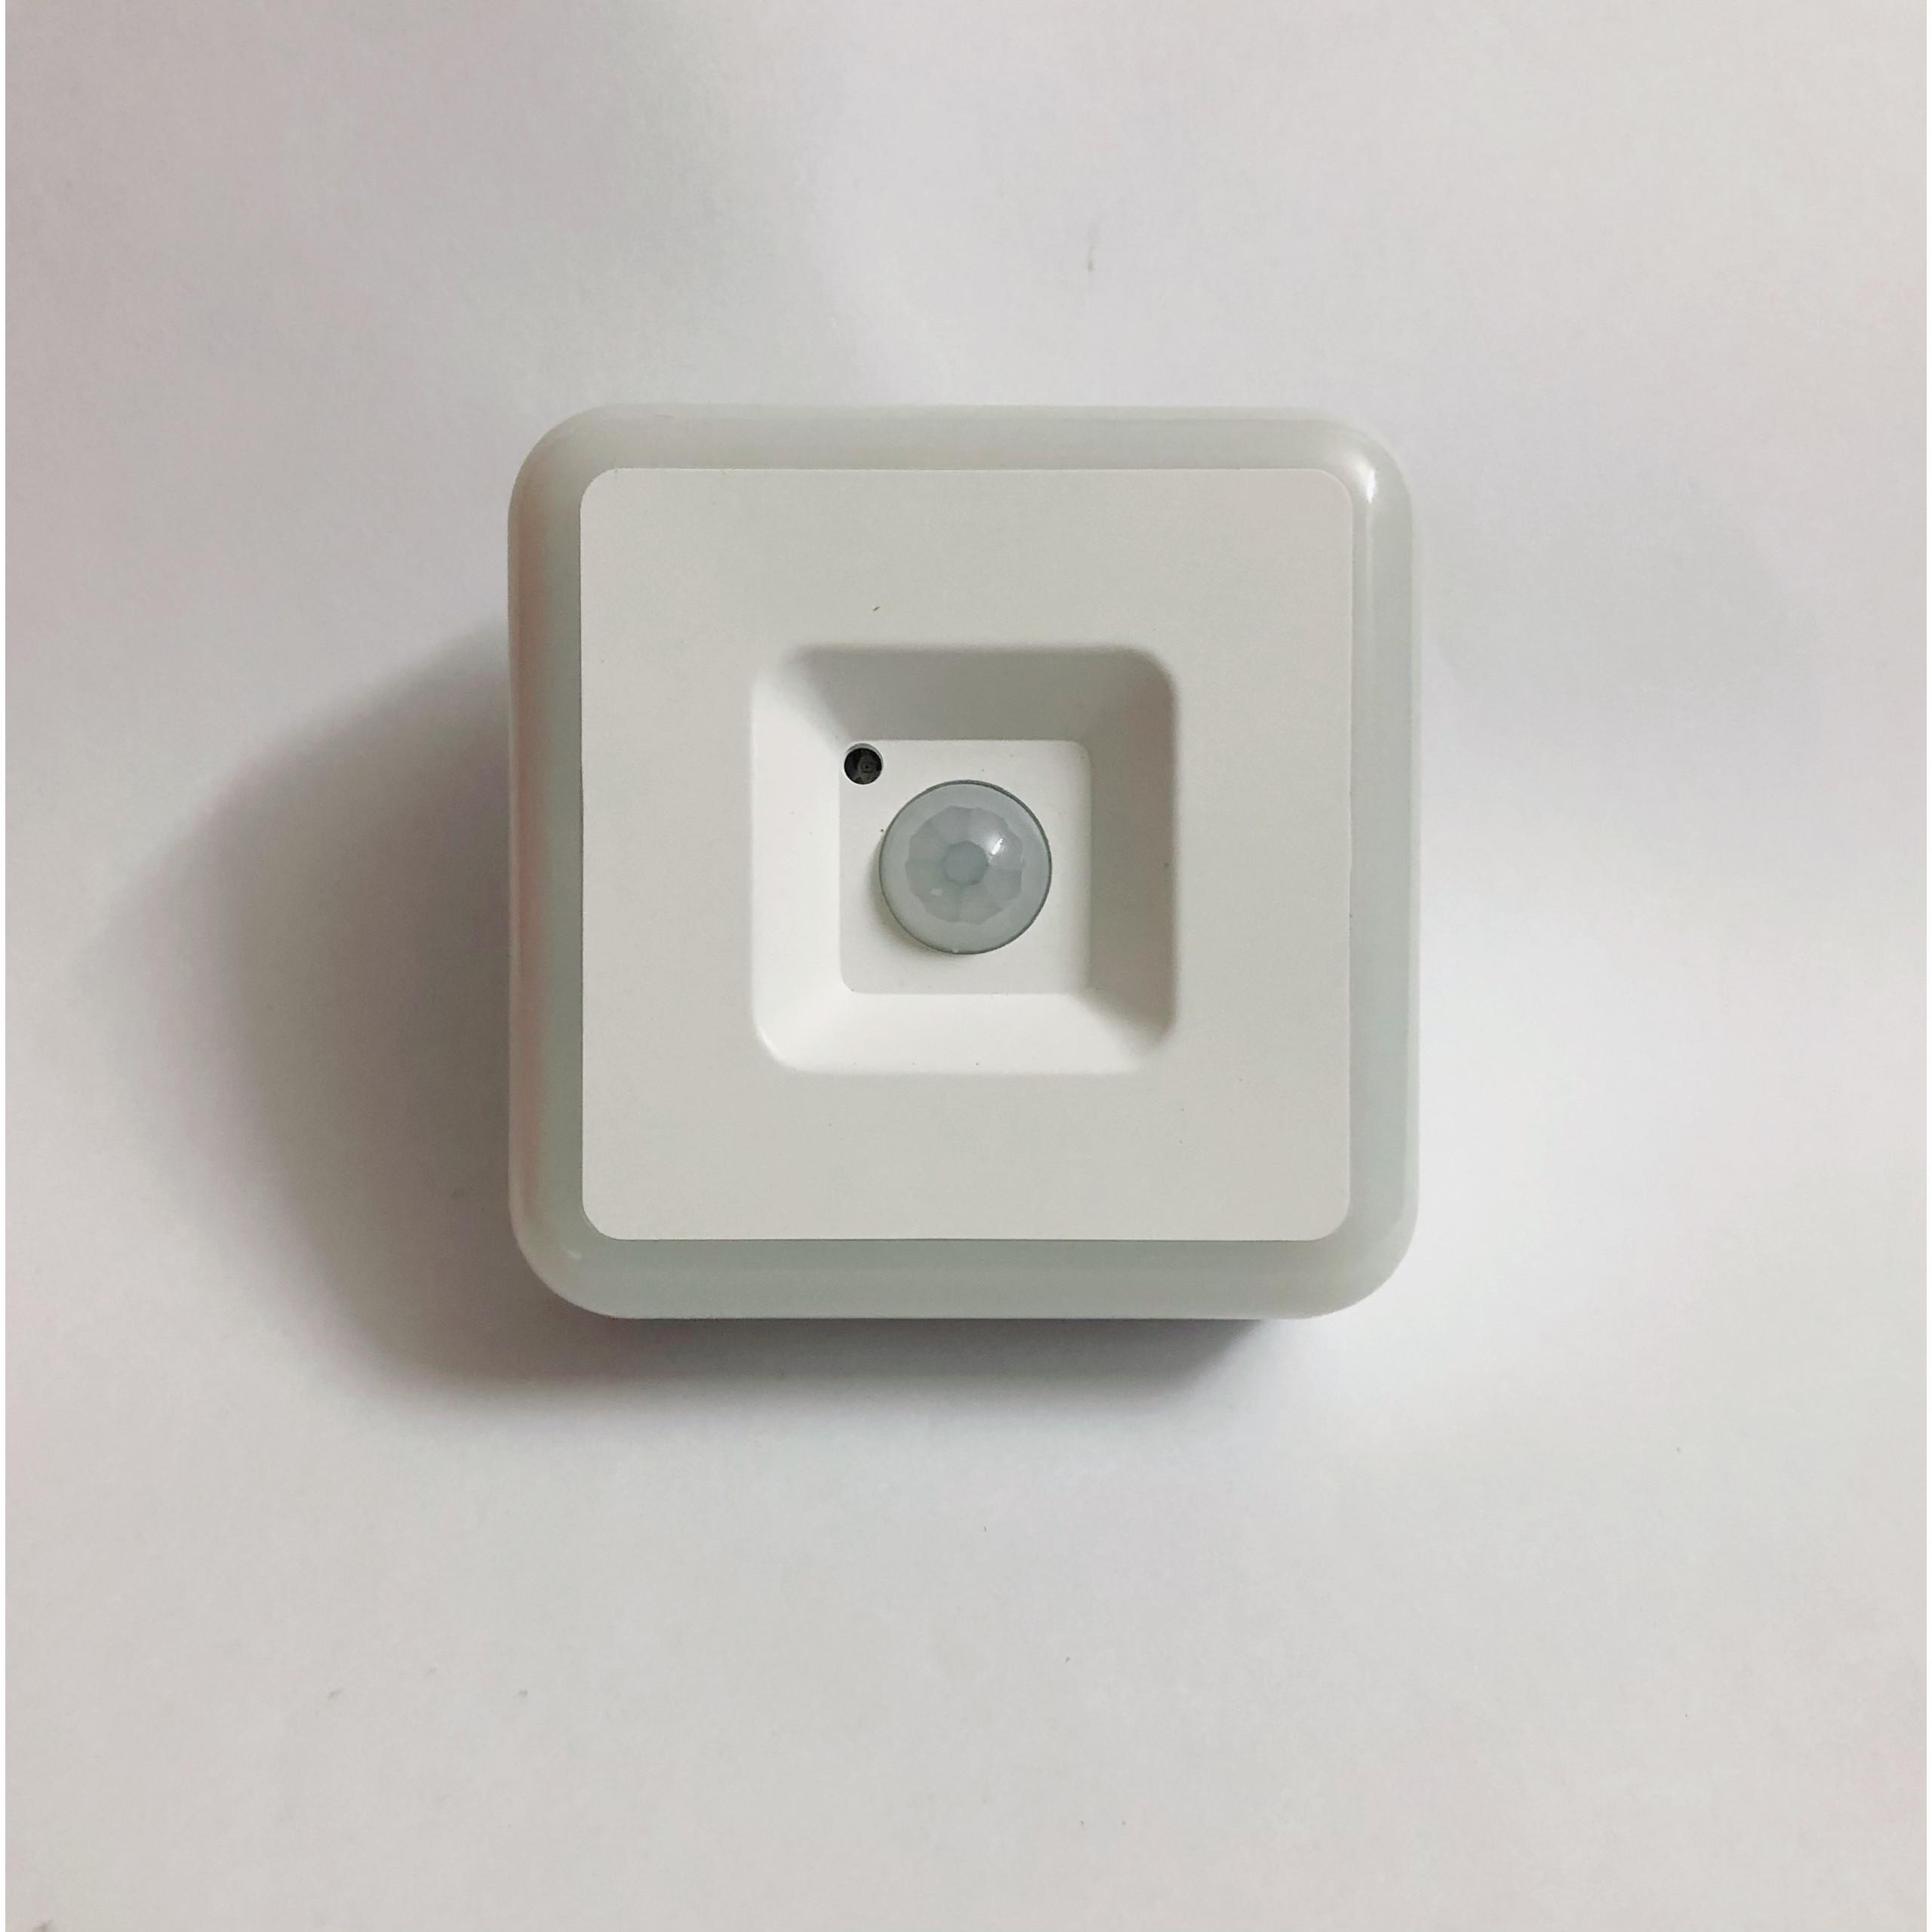 Đèn ngủ cảm biến Rạng Đông, tích hợp cảm biến chuyển động, cảm biến ánh sáng Model ĐN01.PIR 55x55/0.3W